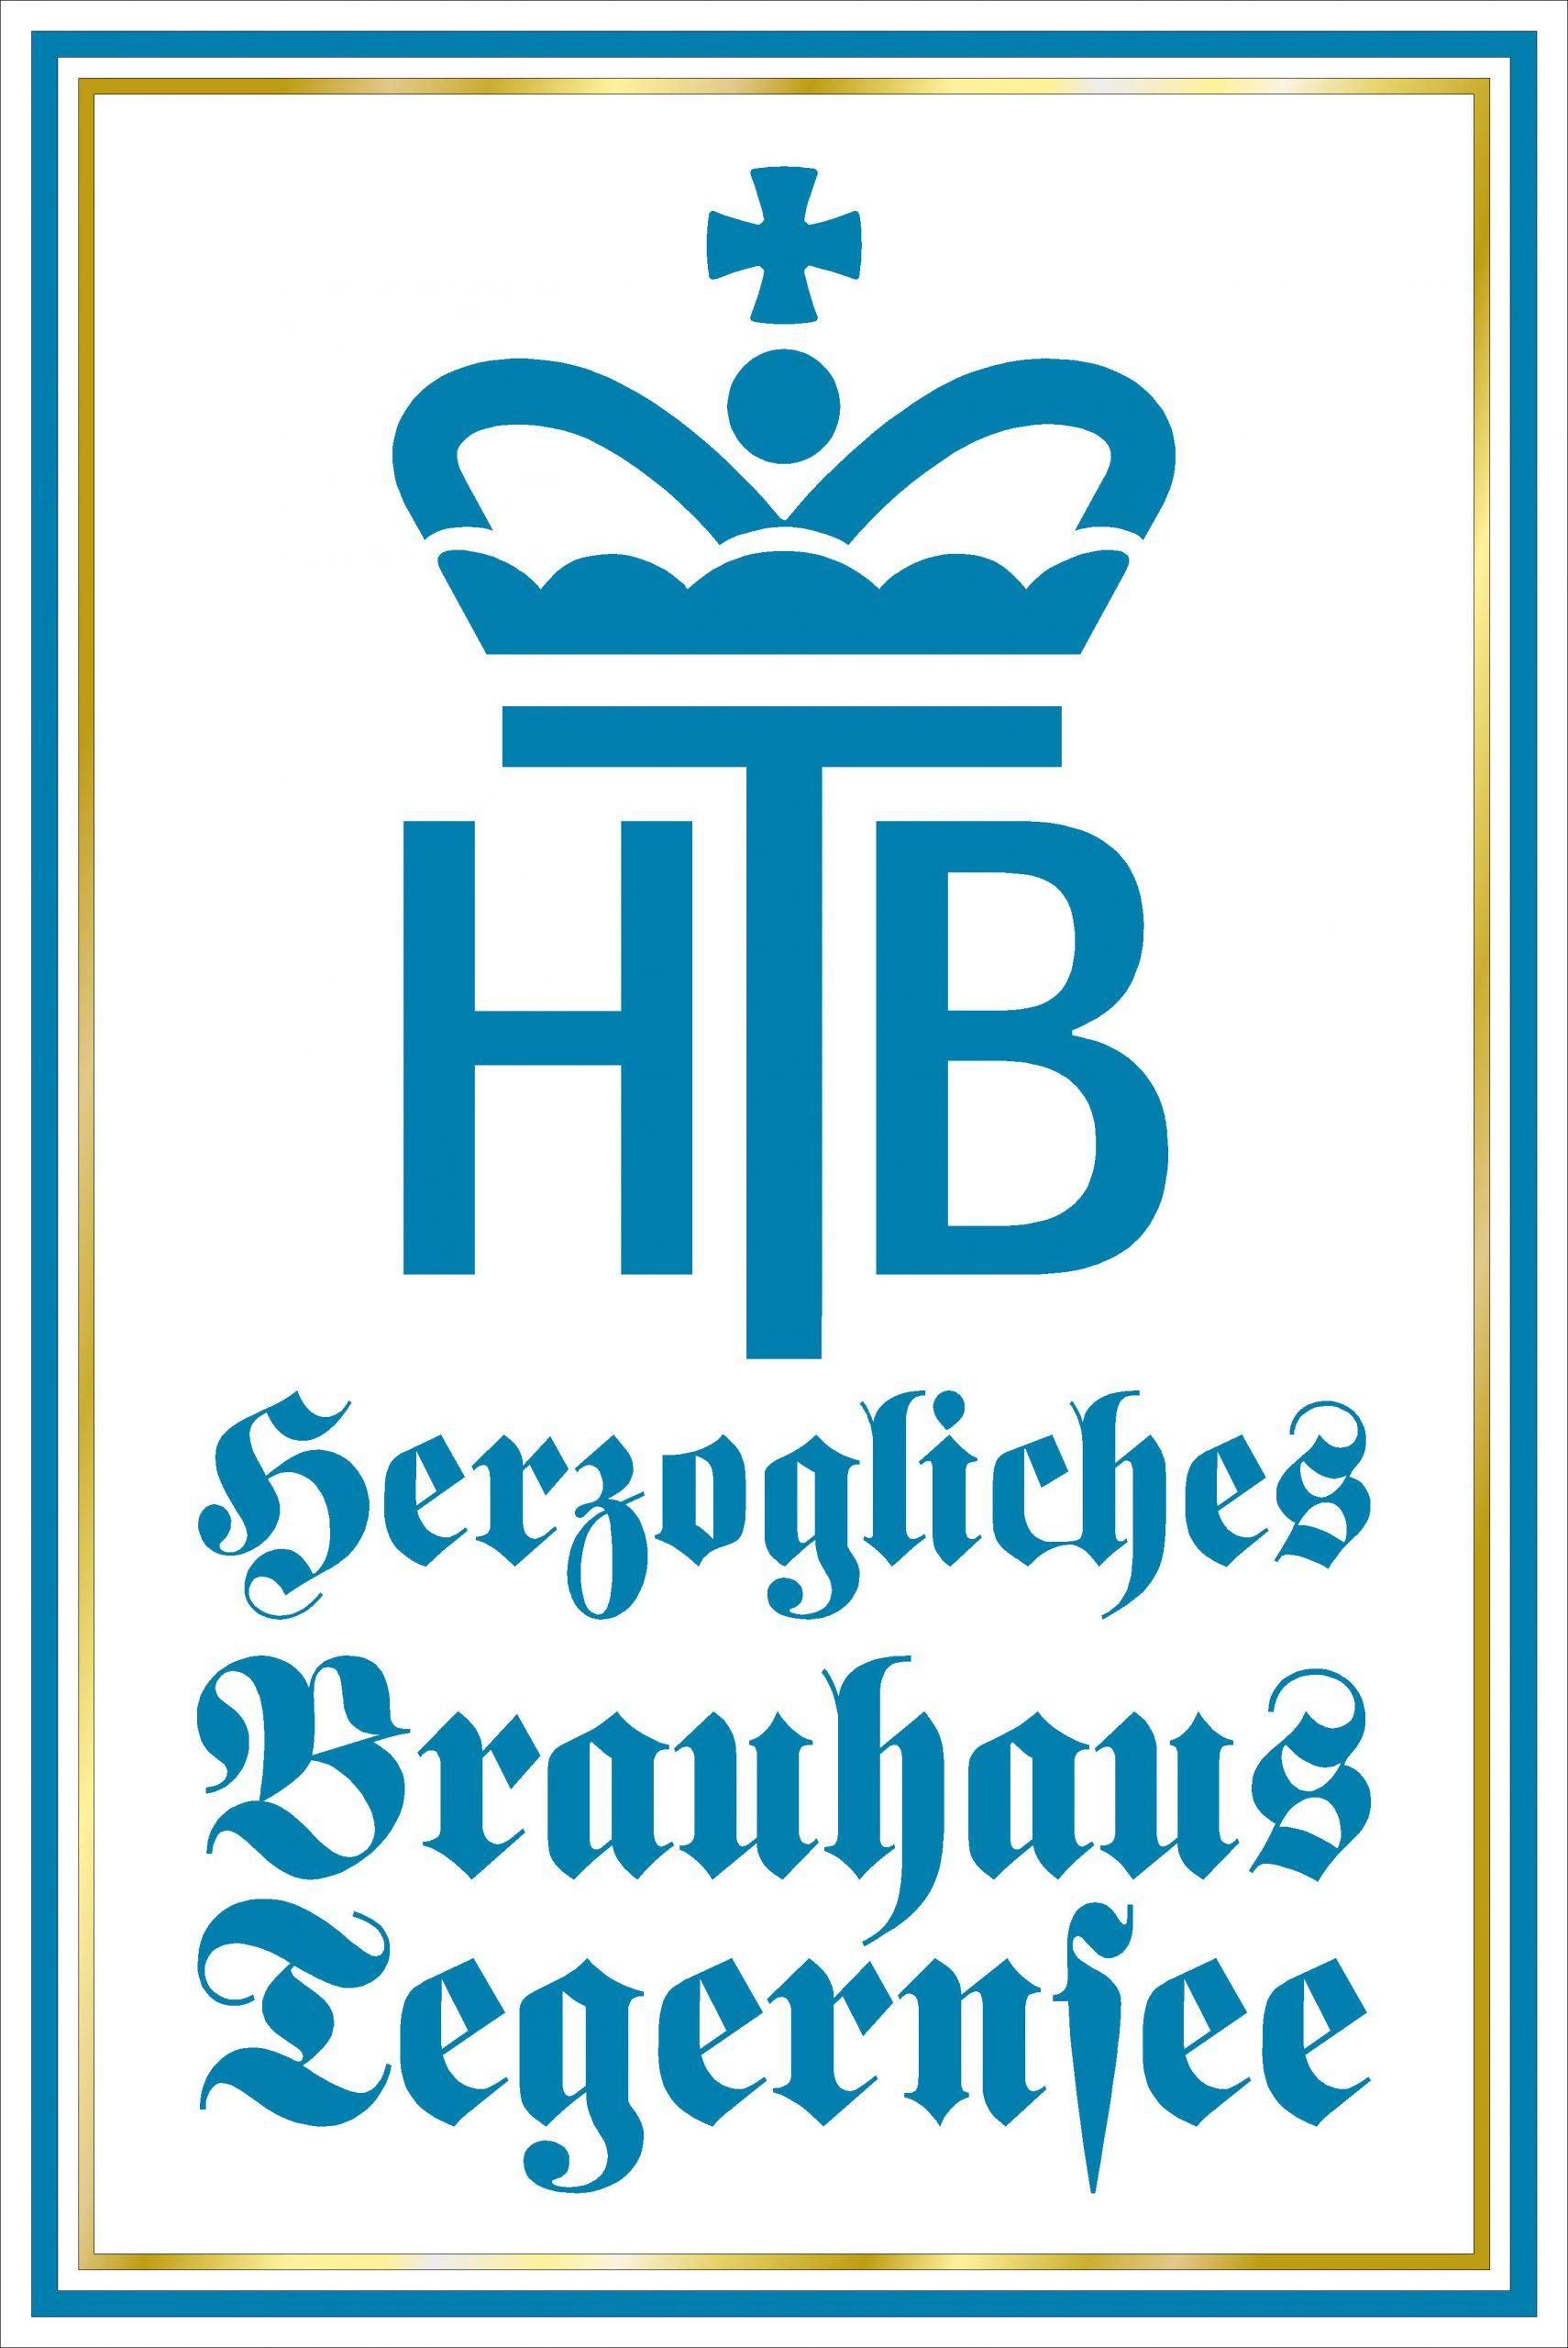 Herzogliches Brauhaus Tegernseer